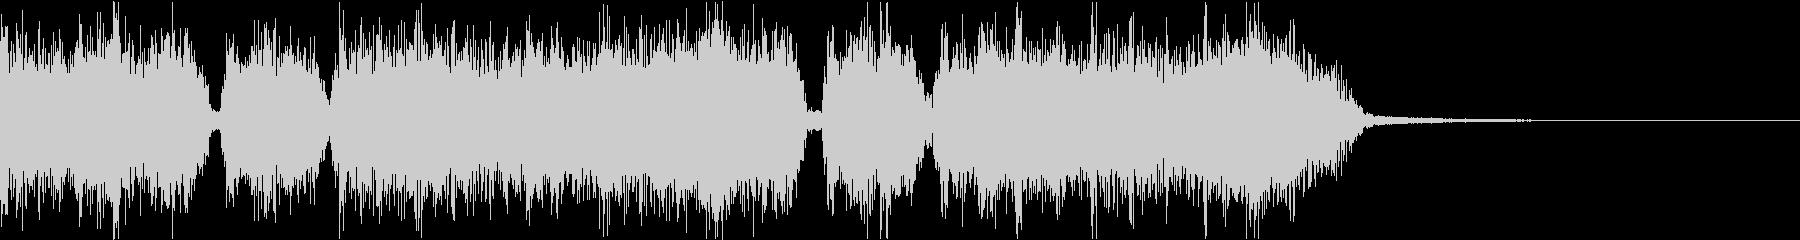 エネルギッシュ・ロックなサウンドロゴ05の未再生の波形